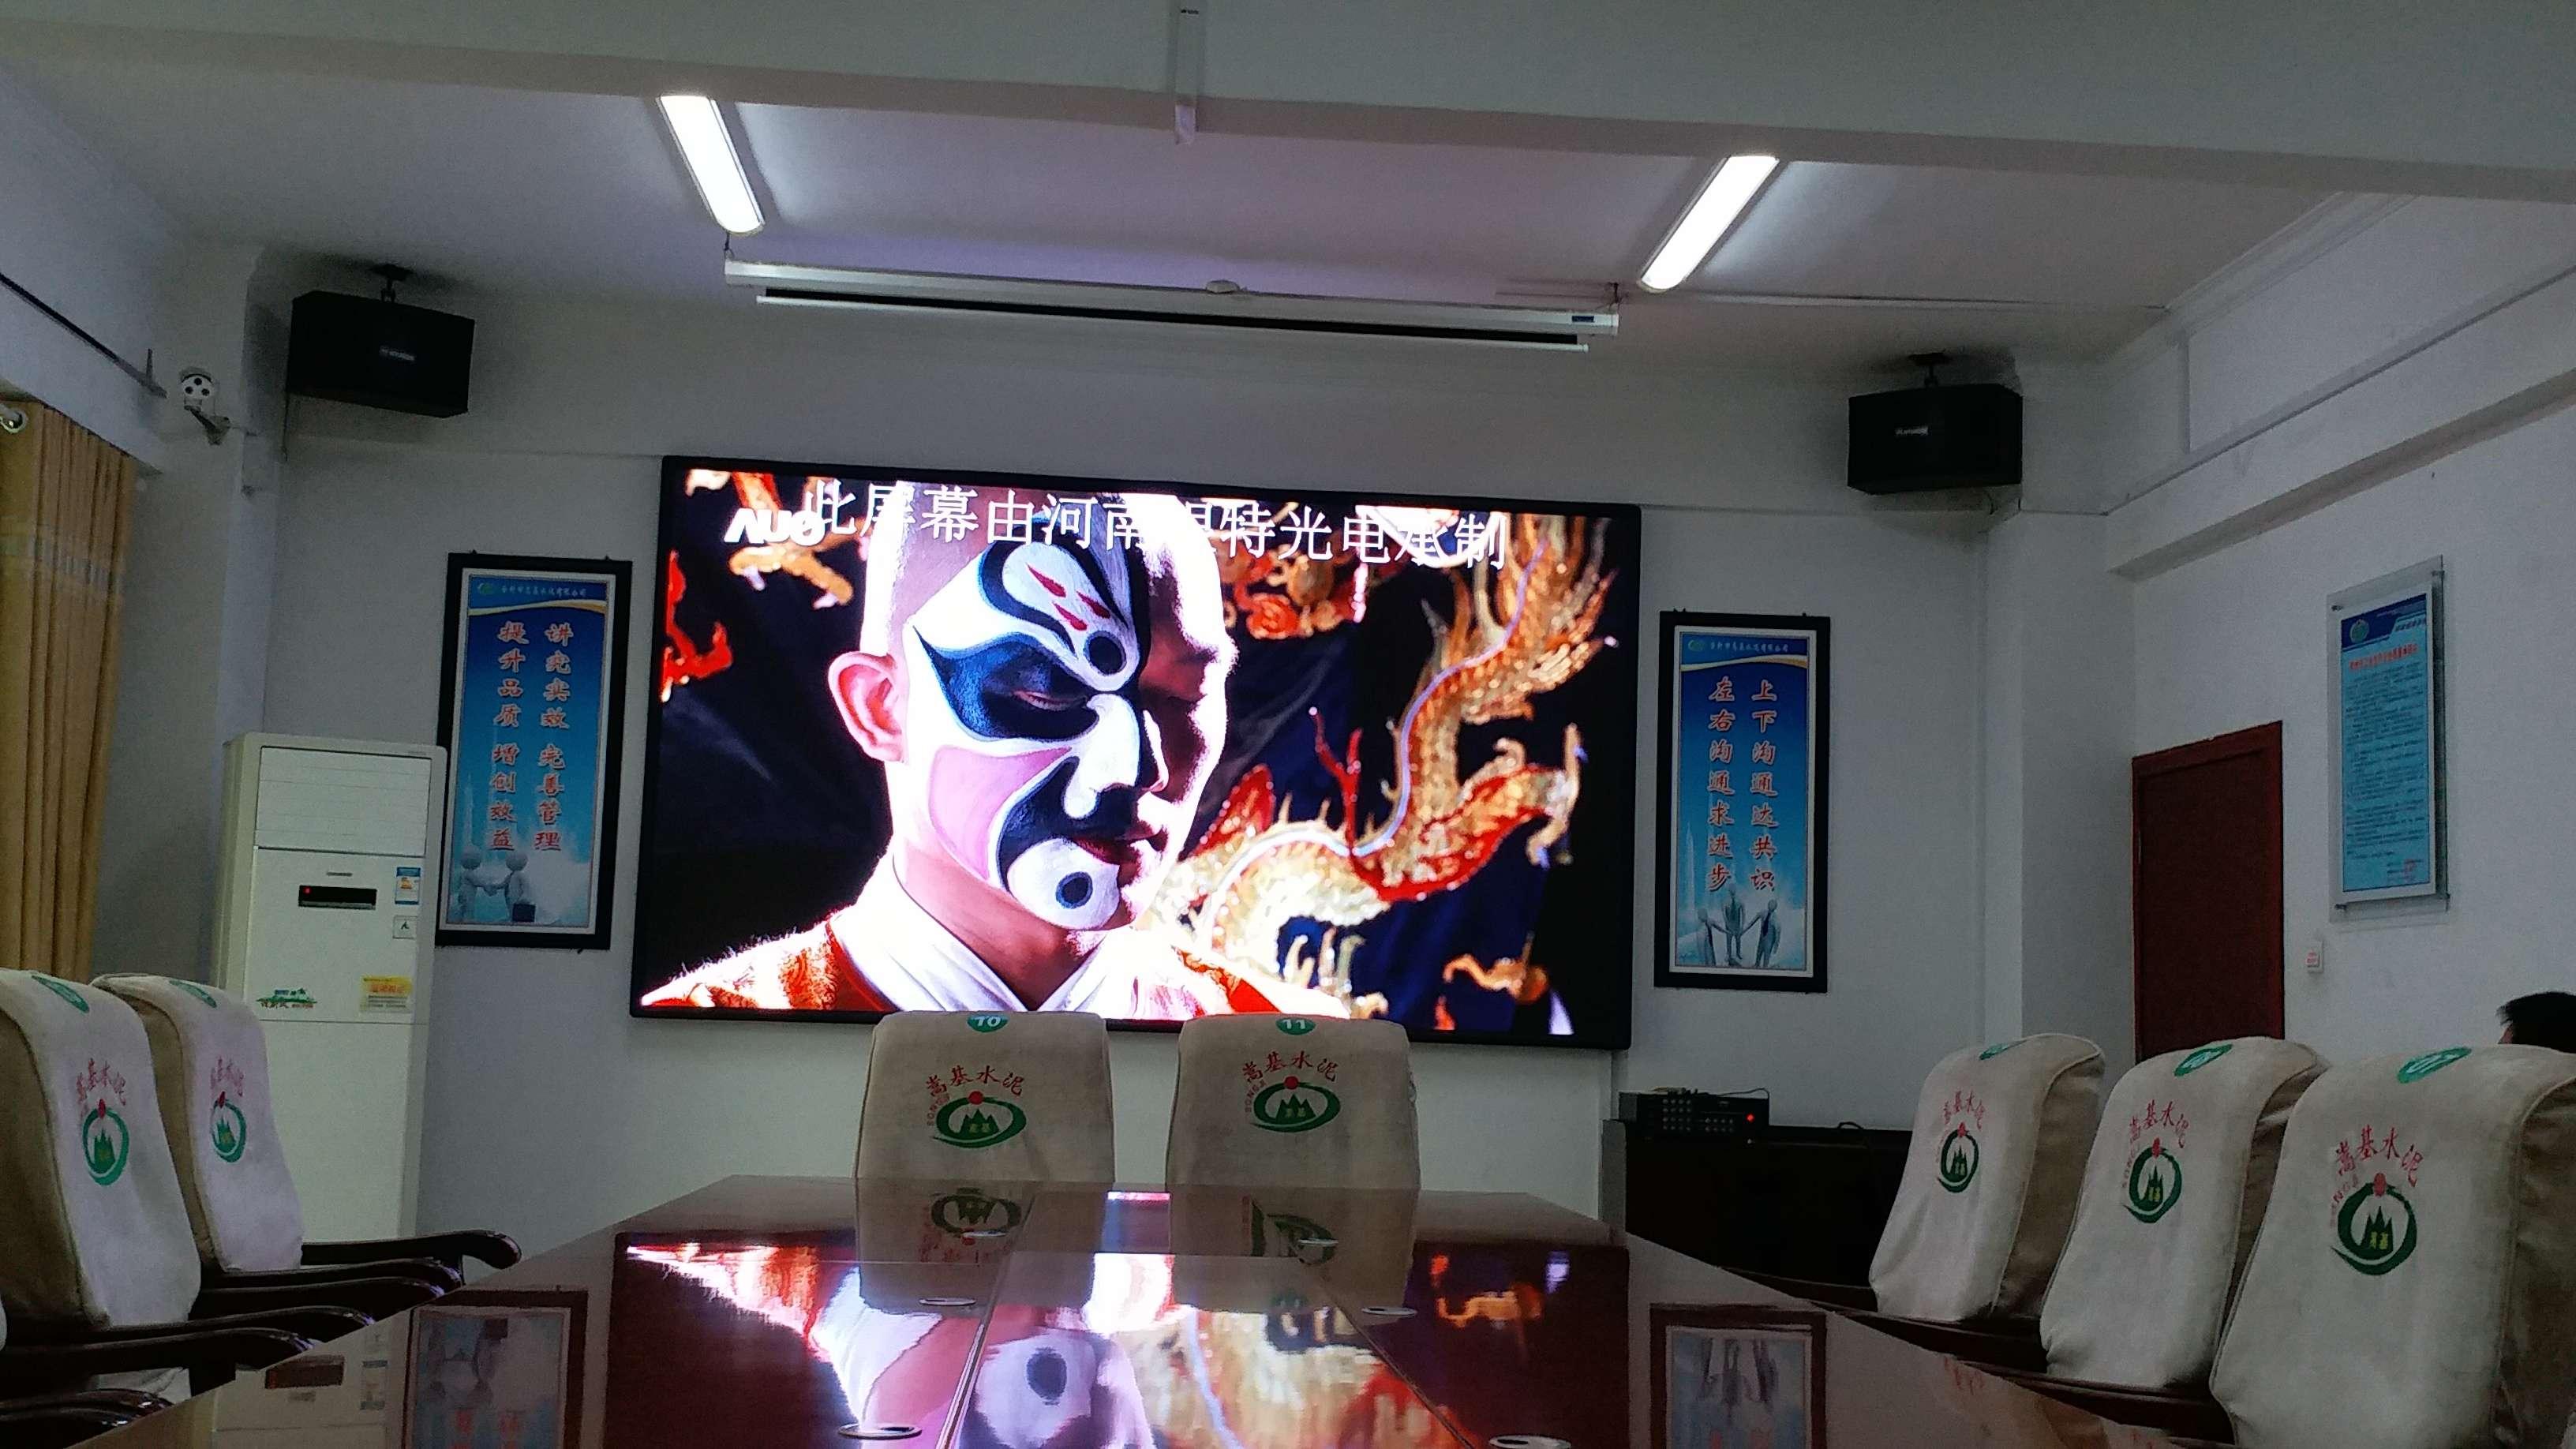 登封某企业会议室户内P2.5全彩屏幕